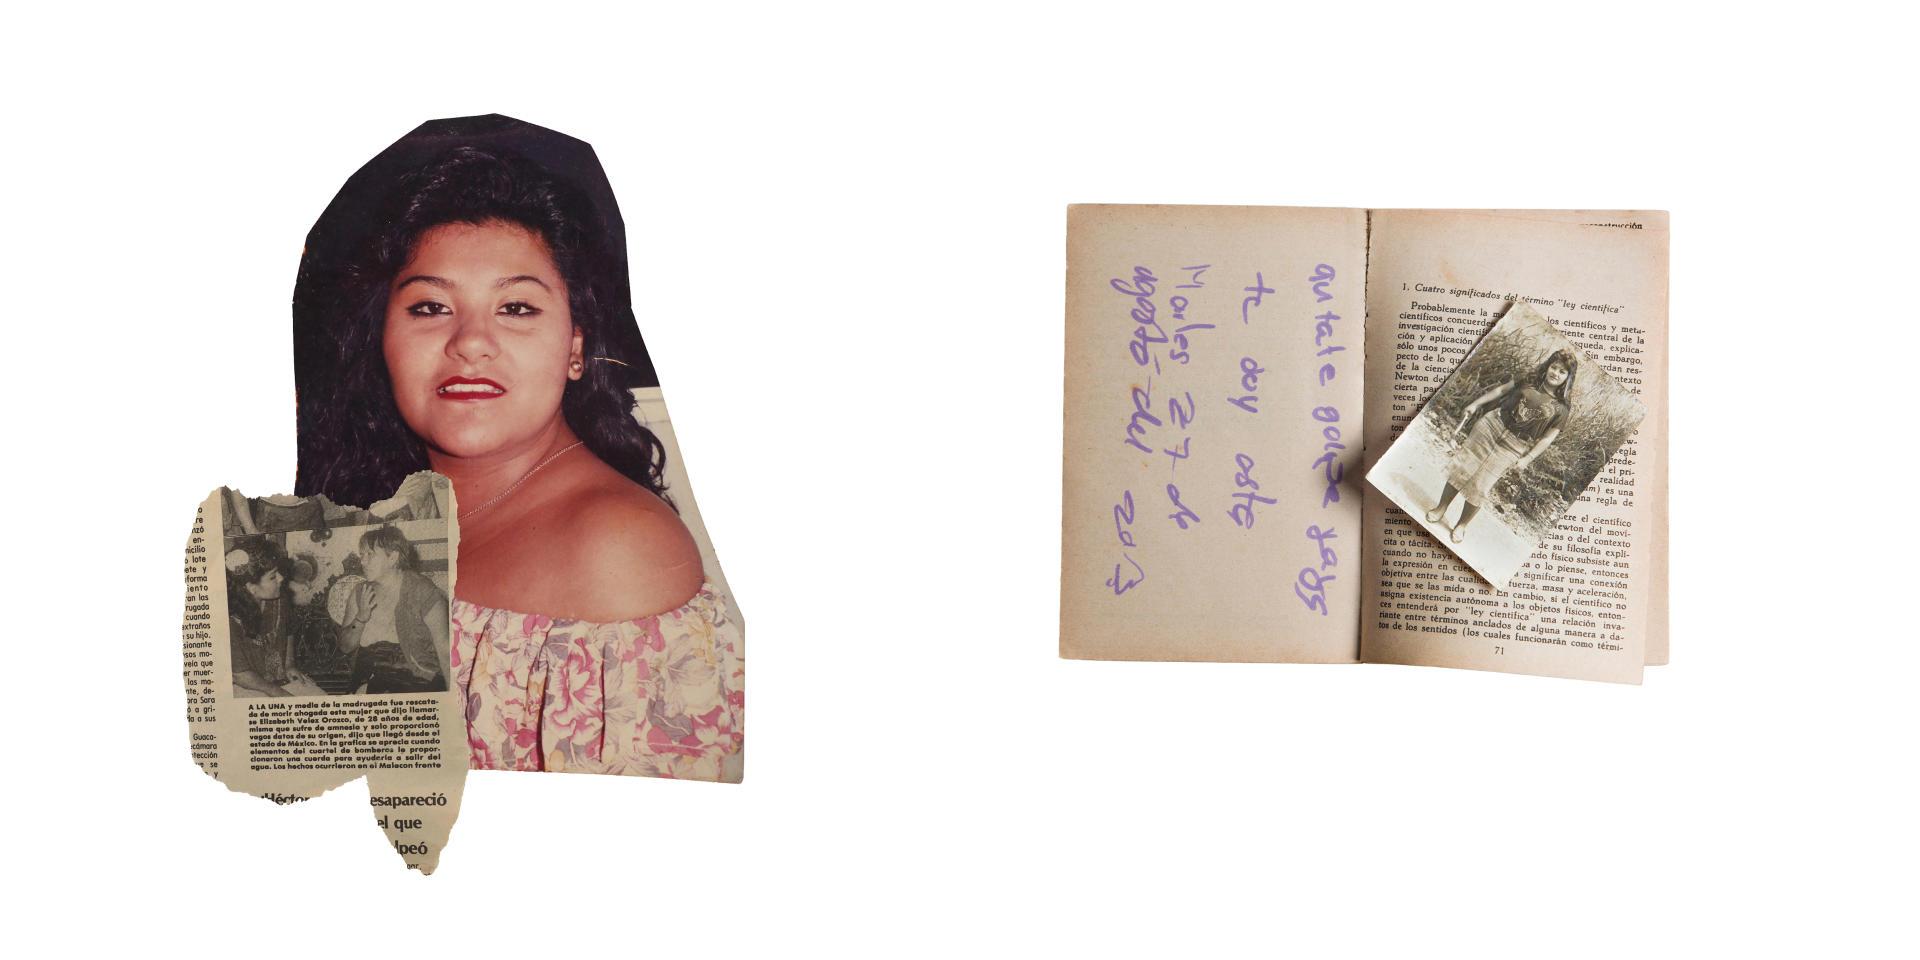 Portrait de Yolanda Ordaz de la Cruz découpé dans la presse et retrouvé dans un de ses albums personnels.